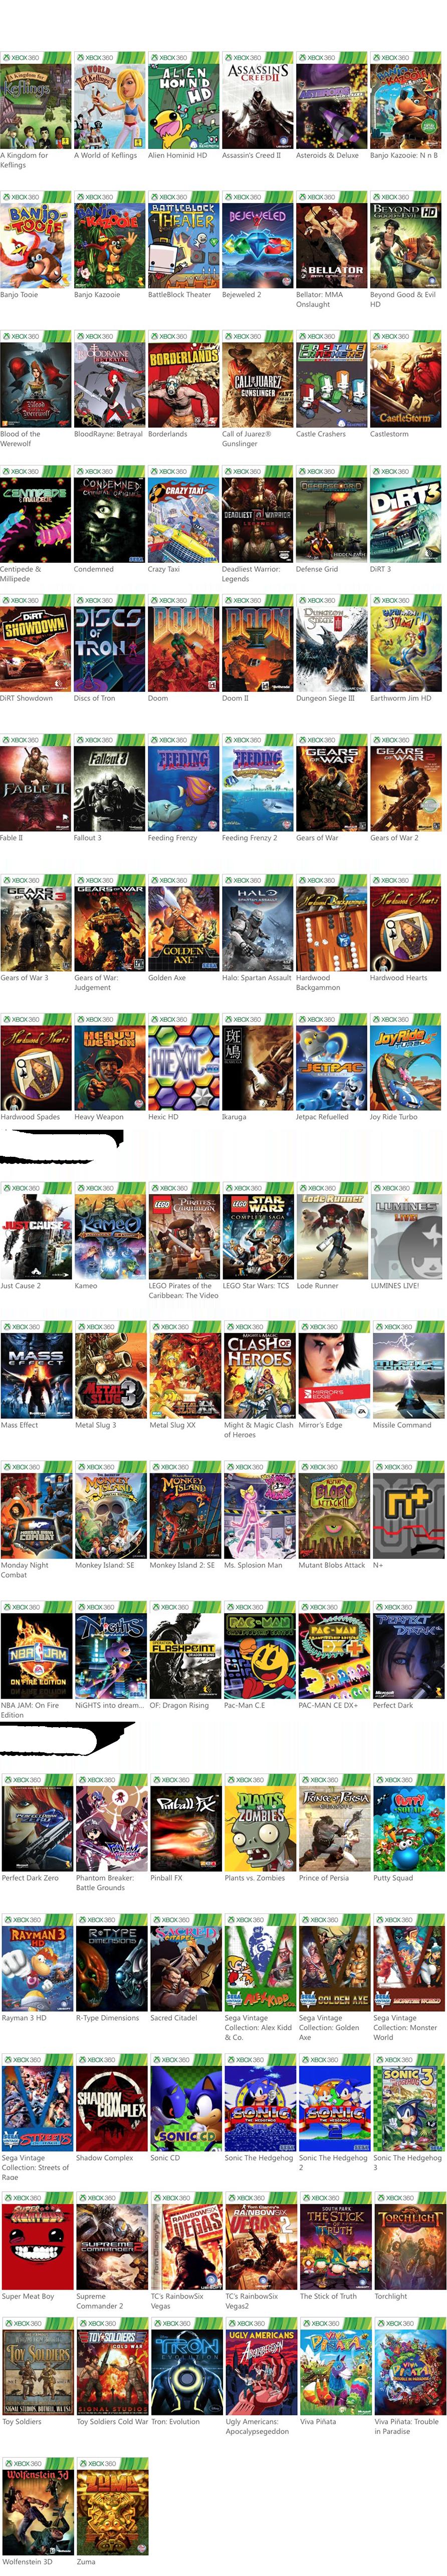 Список первых игр с Xbox 360, поддерживающих функцию обратной совместимости на Xbox One - Изображение 2